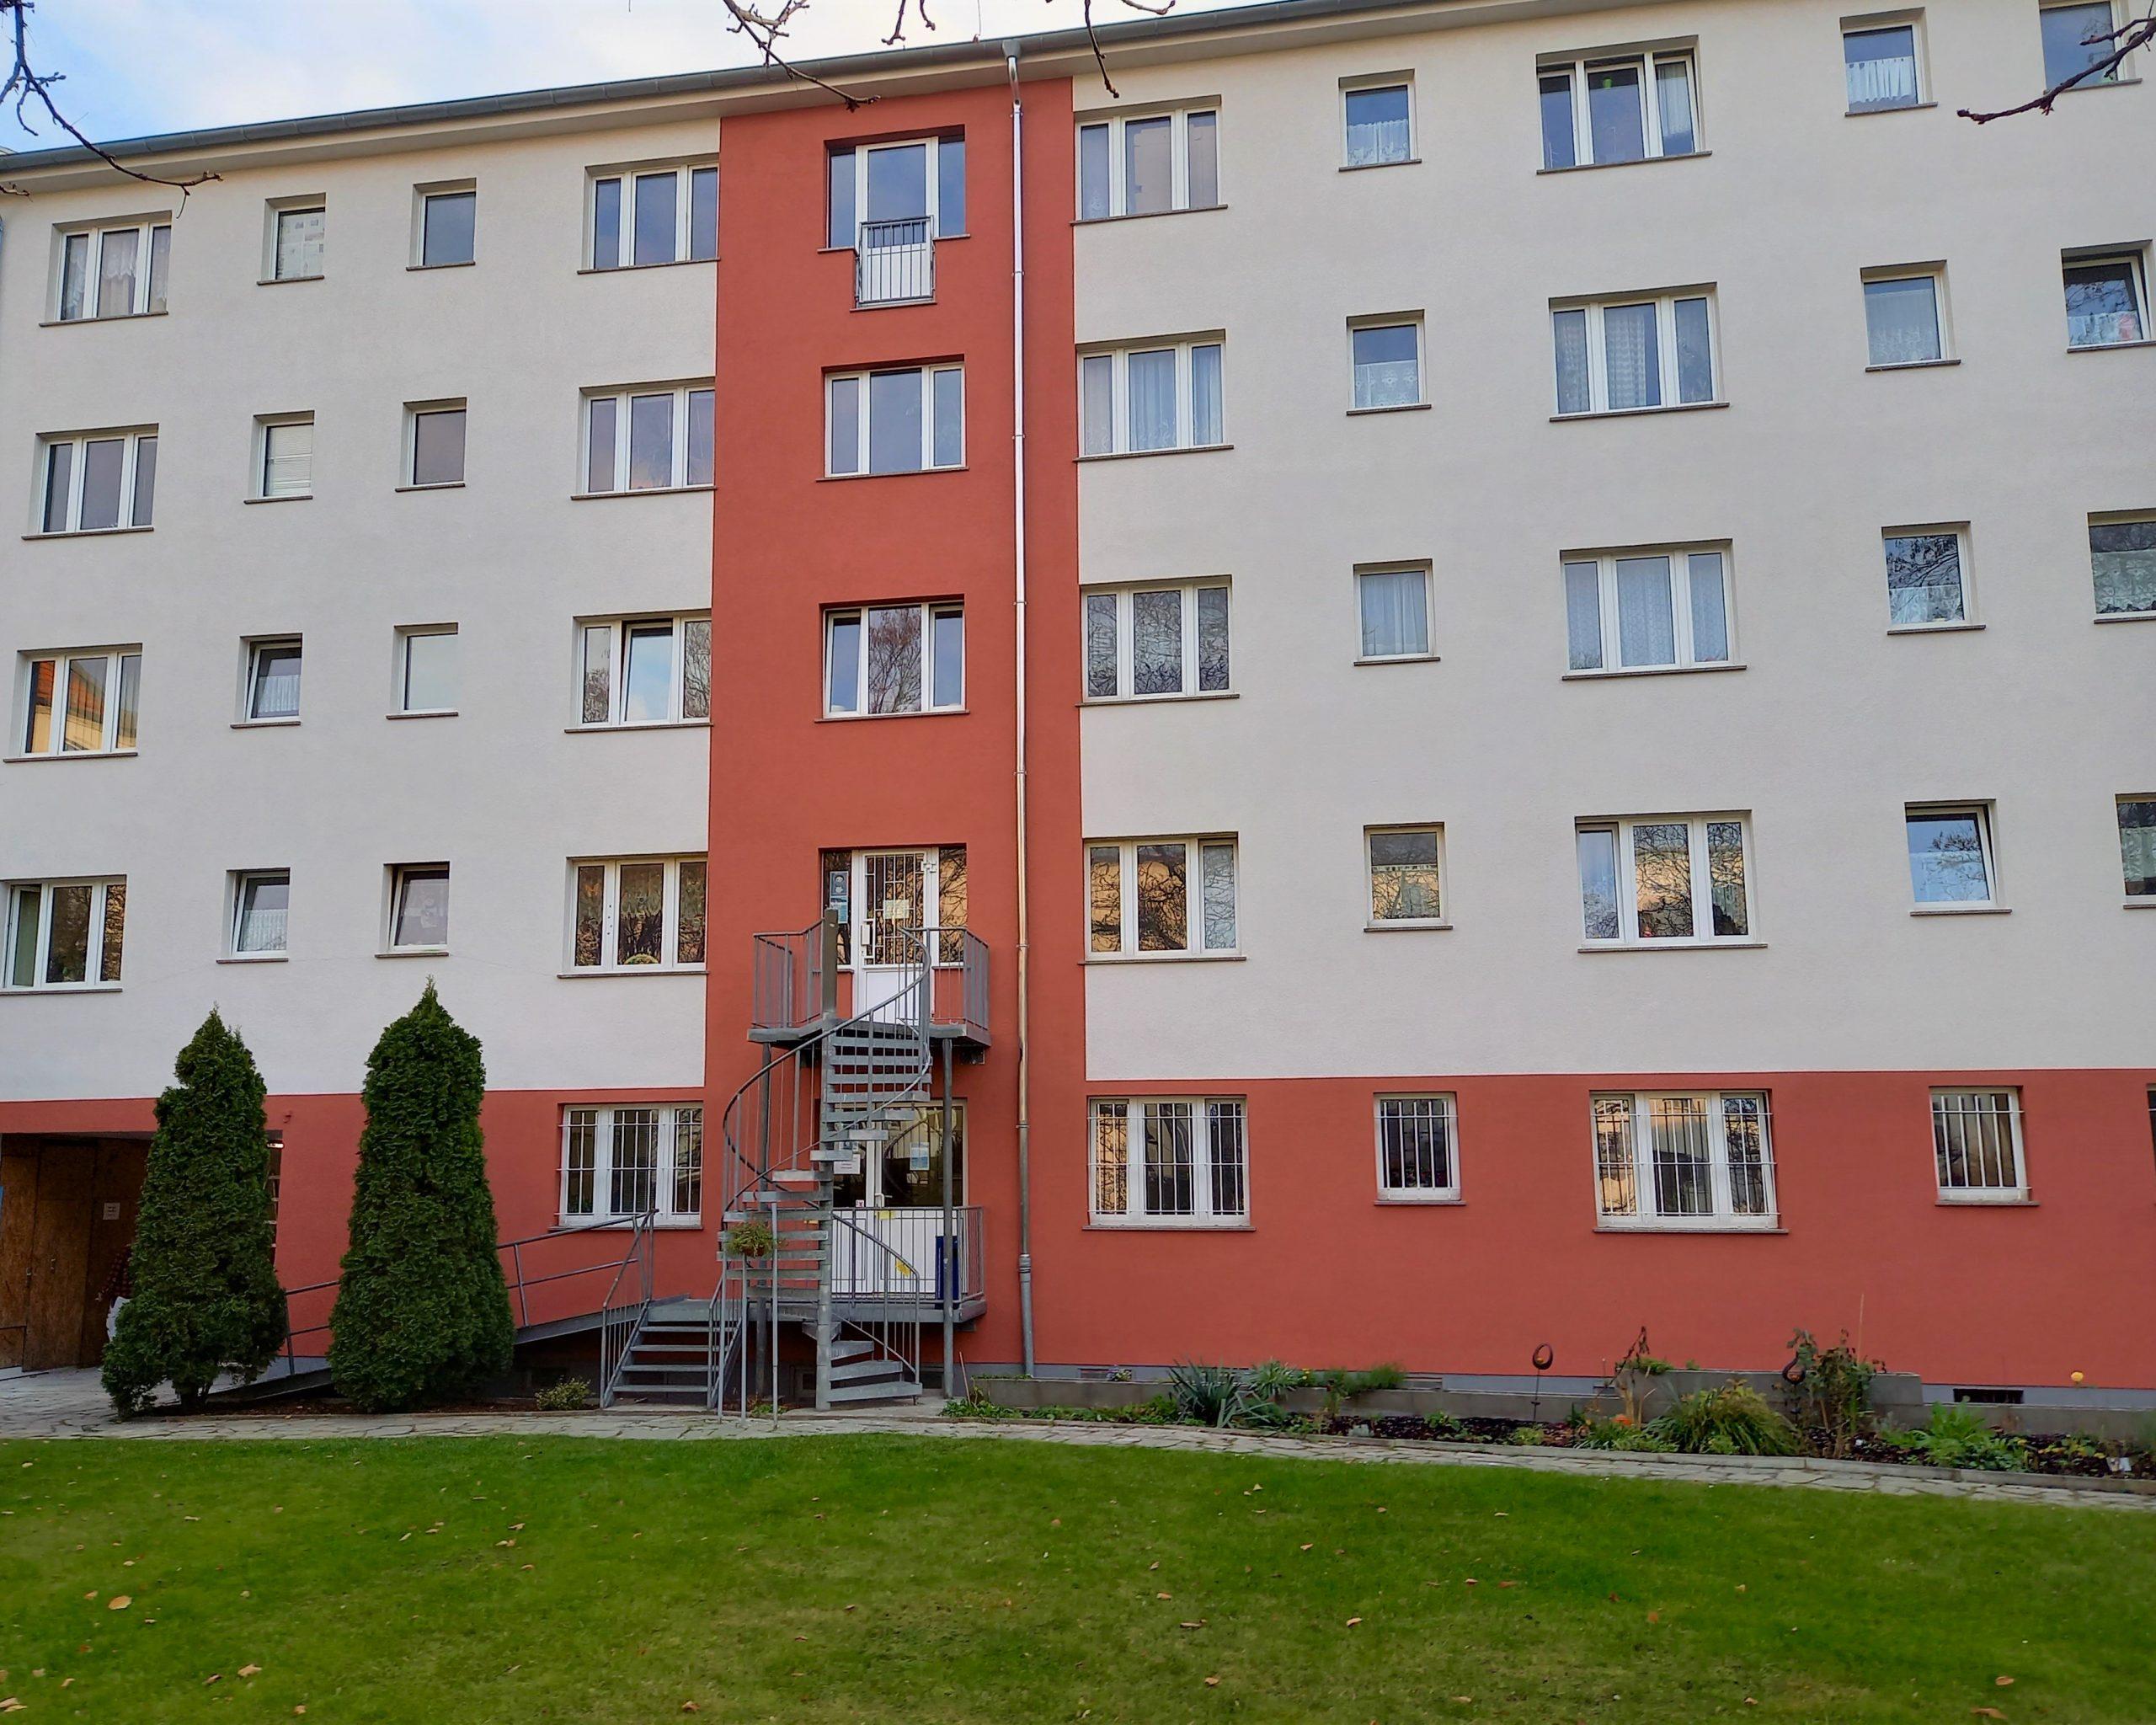 Hagenstraße 57 Gartenseite